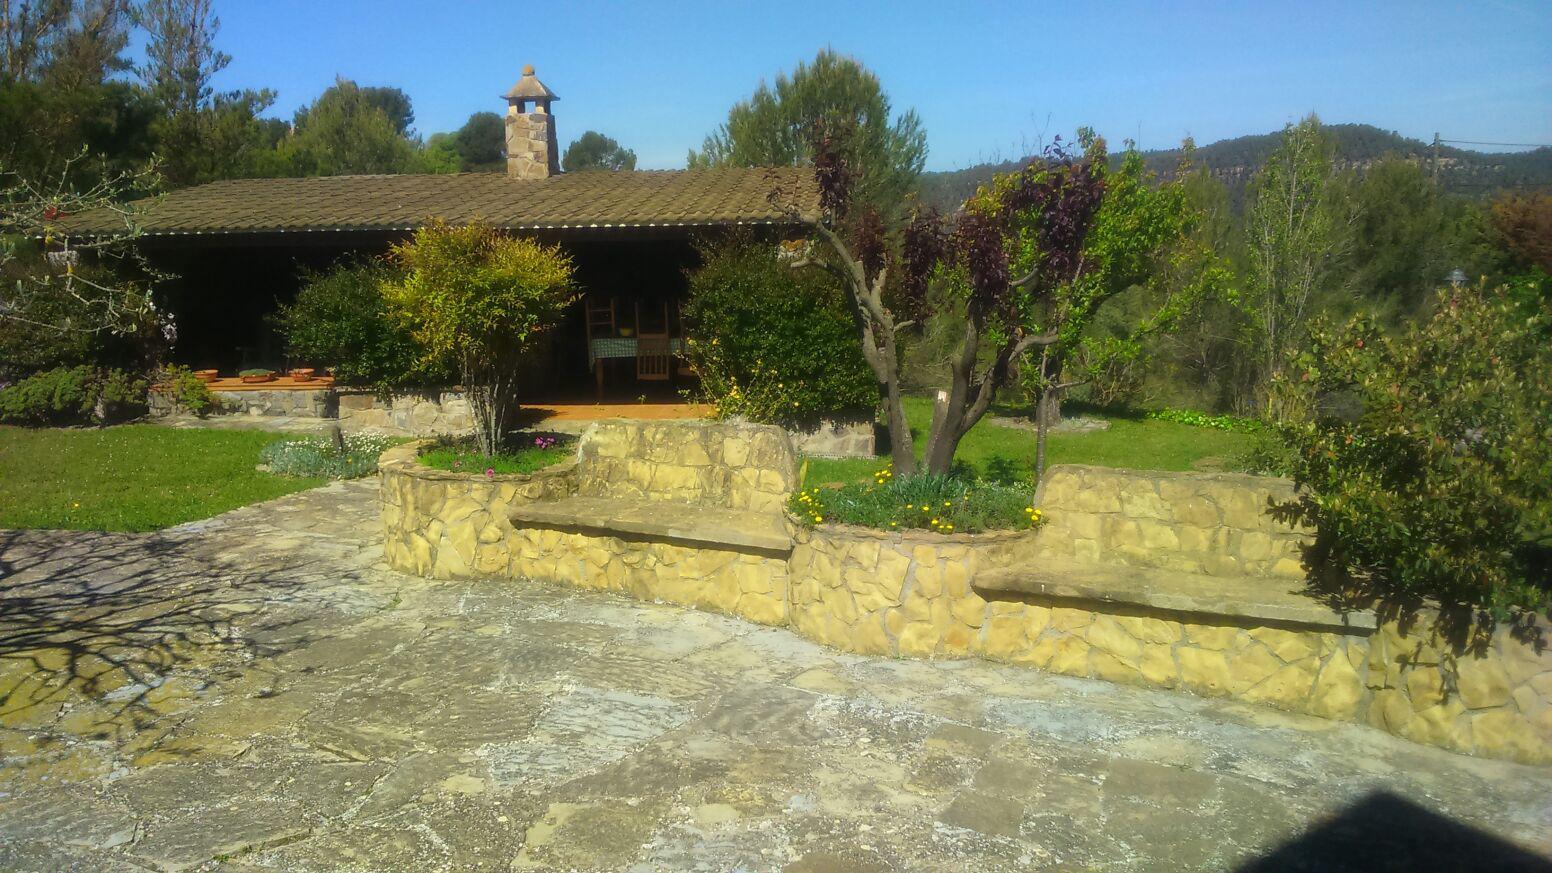 166340 - Castellvell i el vilar- Sant Cristofol